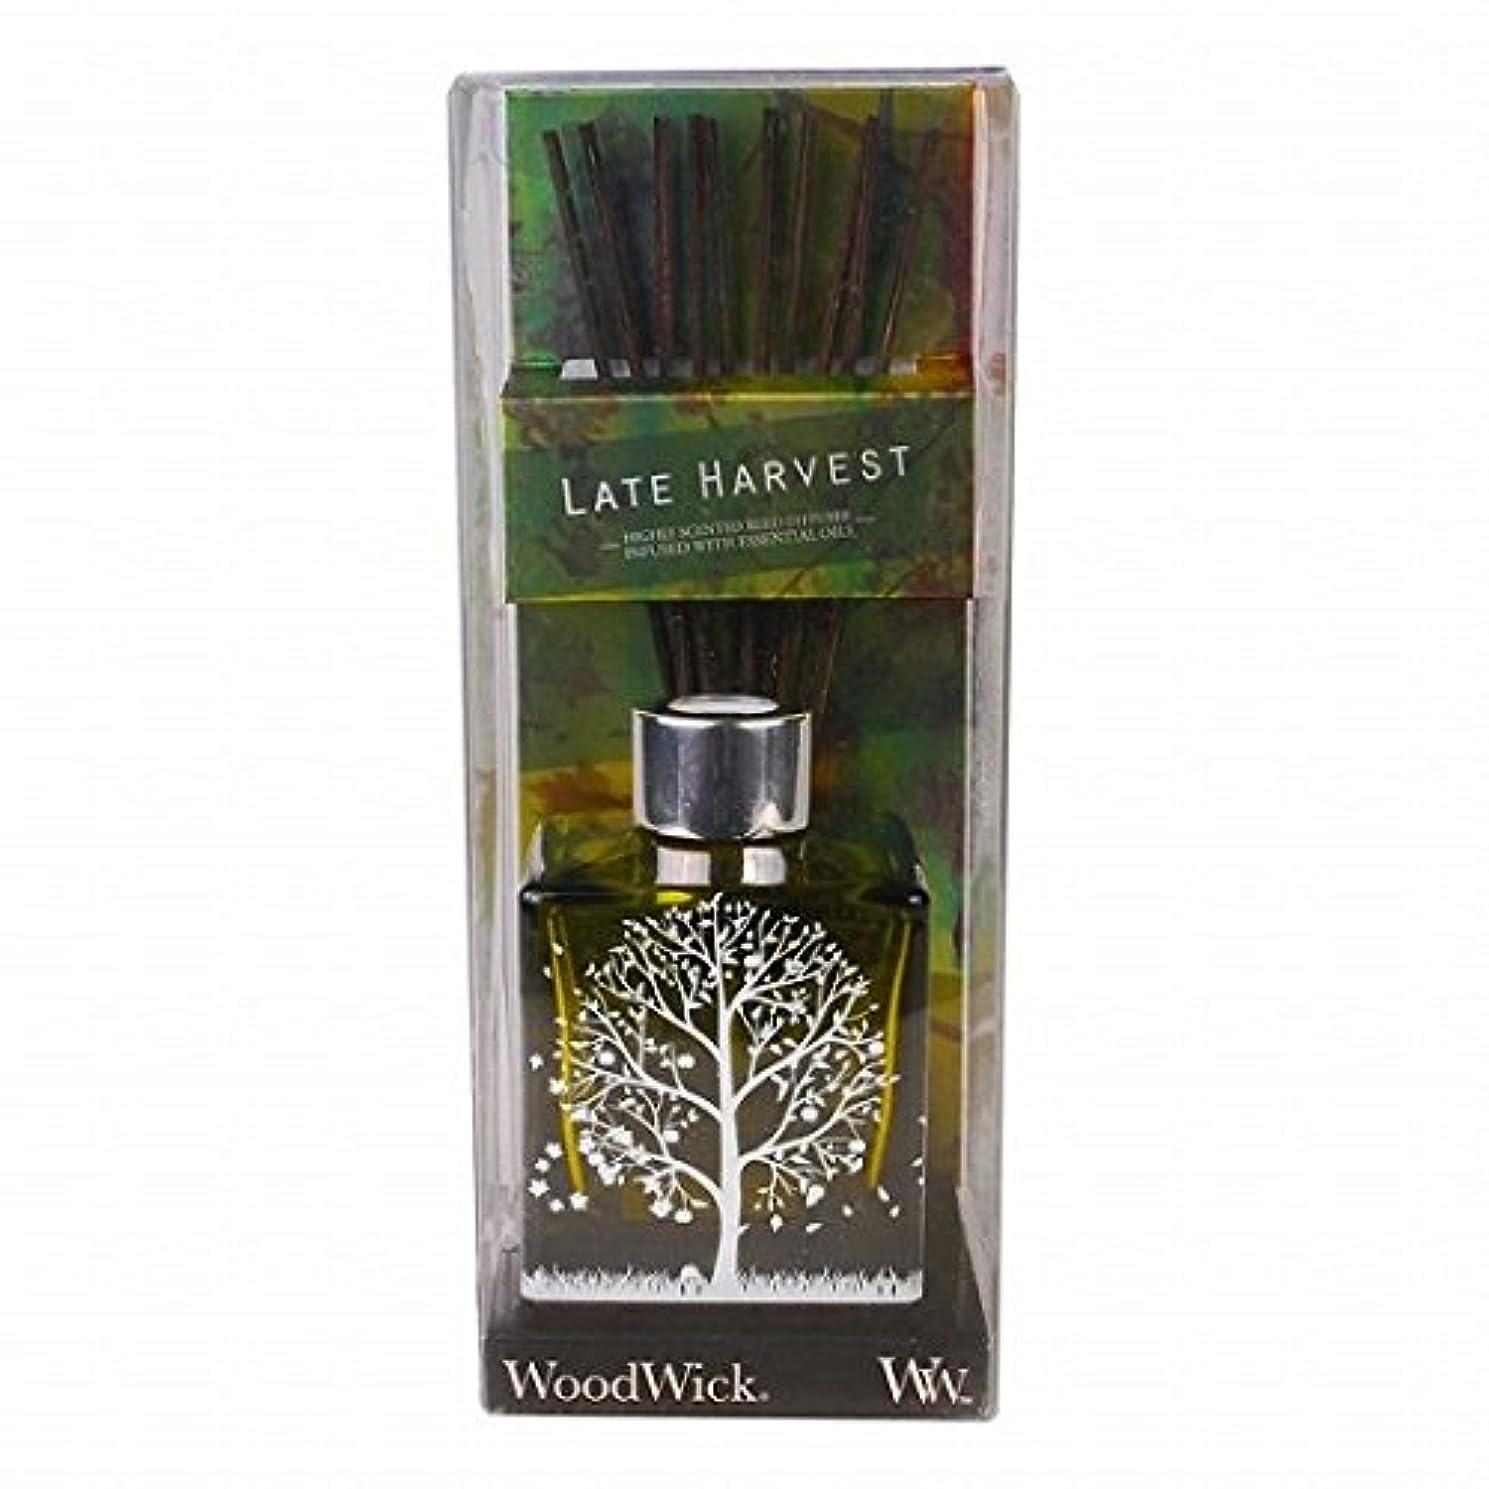 有利ミュージカル結び目WoodWick(ウッドウィック) Wood Wickダンシンググラスリードディフューザー 「 レイトハーベスト 」 ディフューザー 68x68x105mm 香り:レイトハーベスト(W9540507)